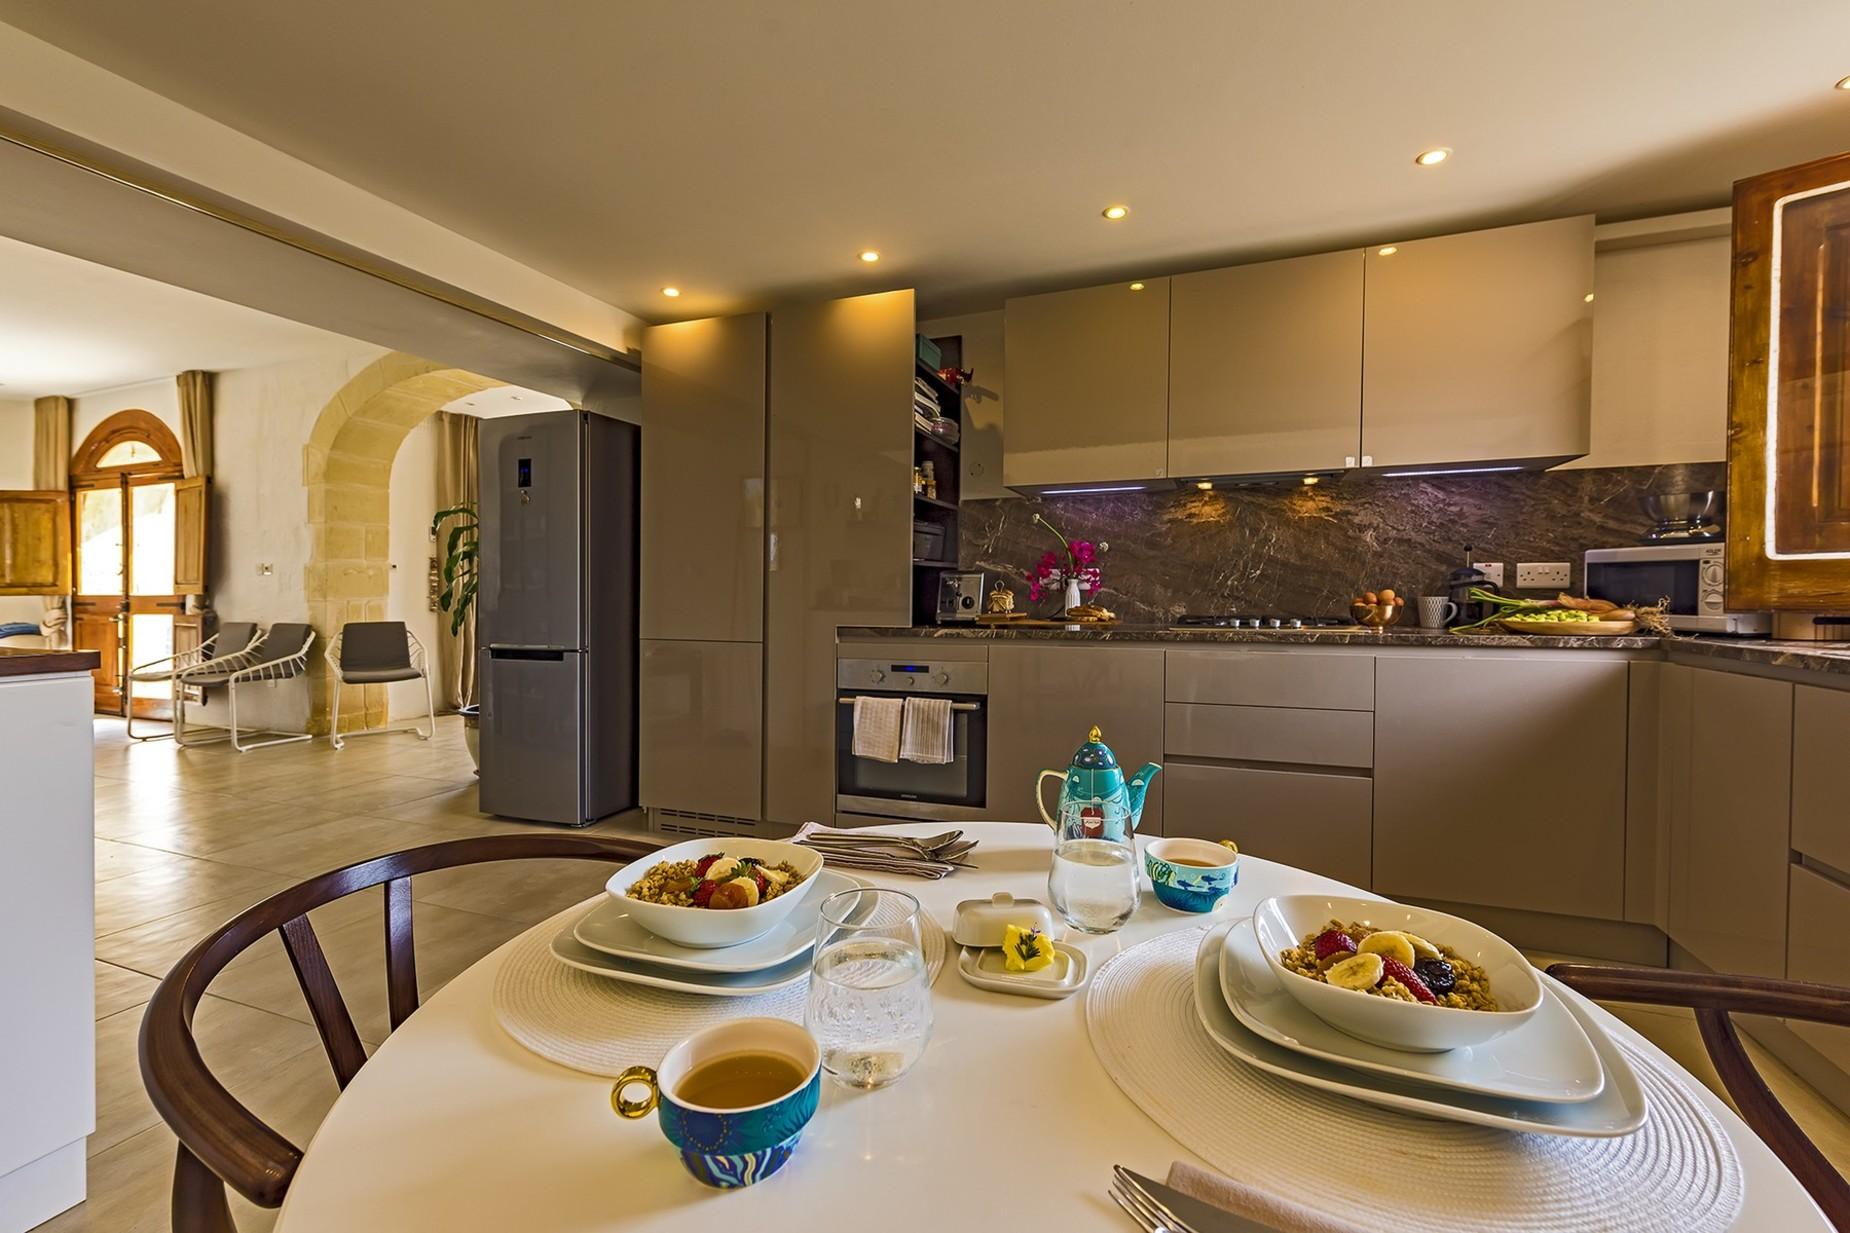 6 bed Villa For Rent in Qala, Qala - thumb 5